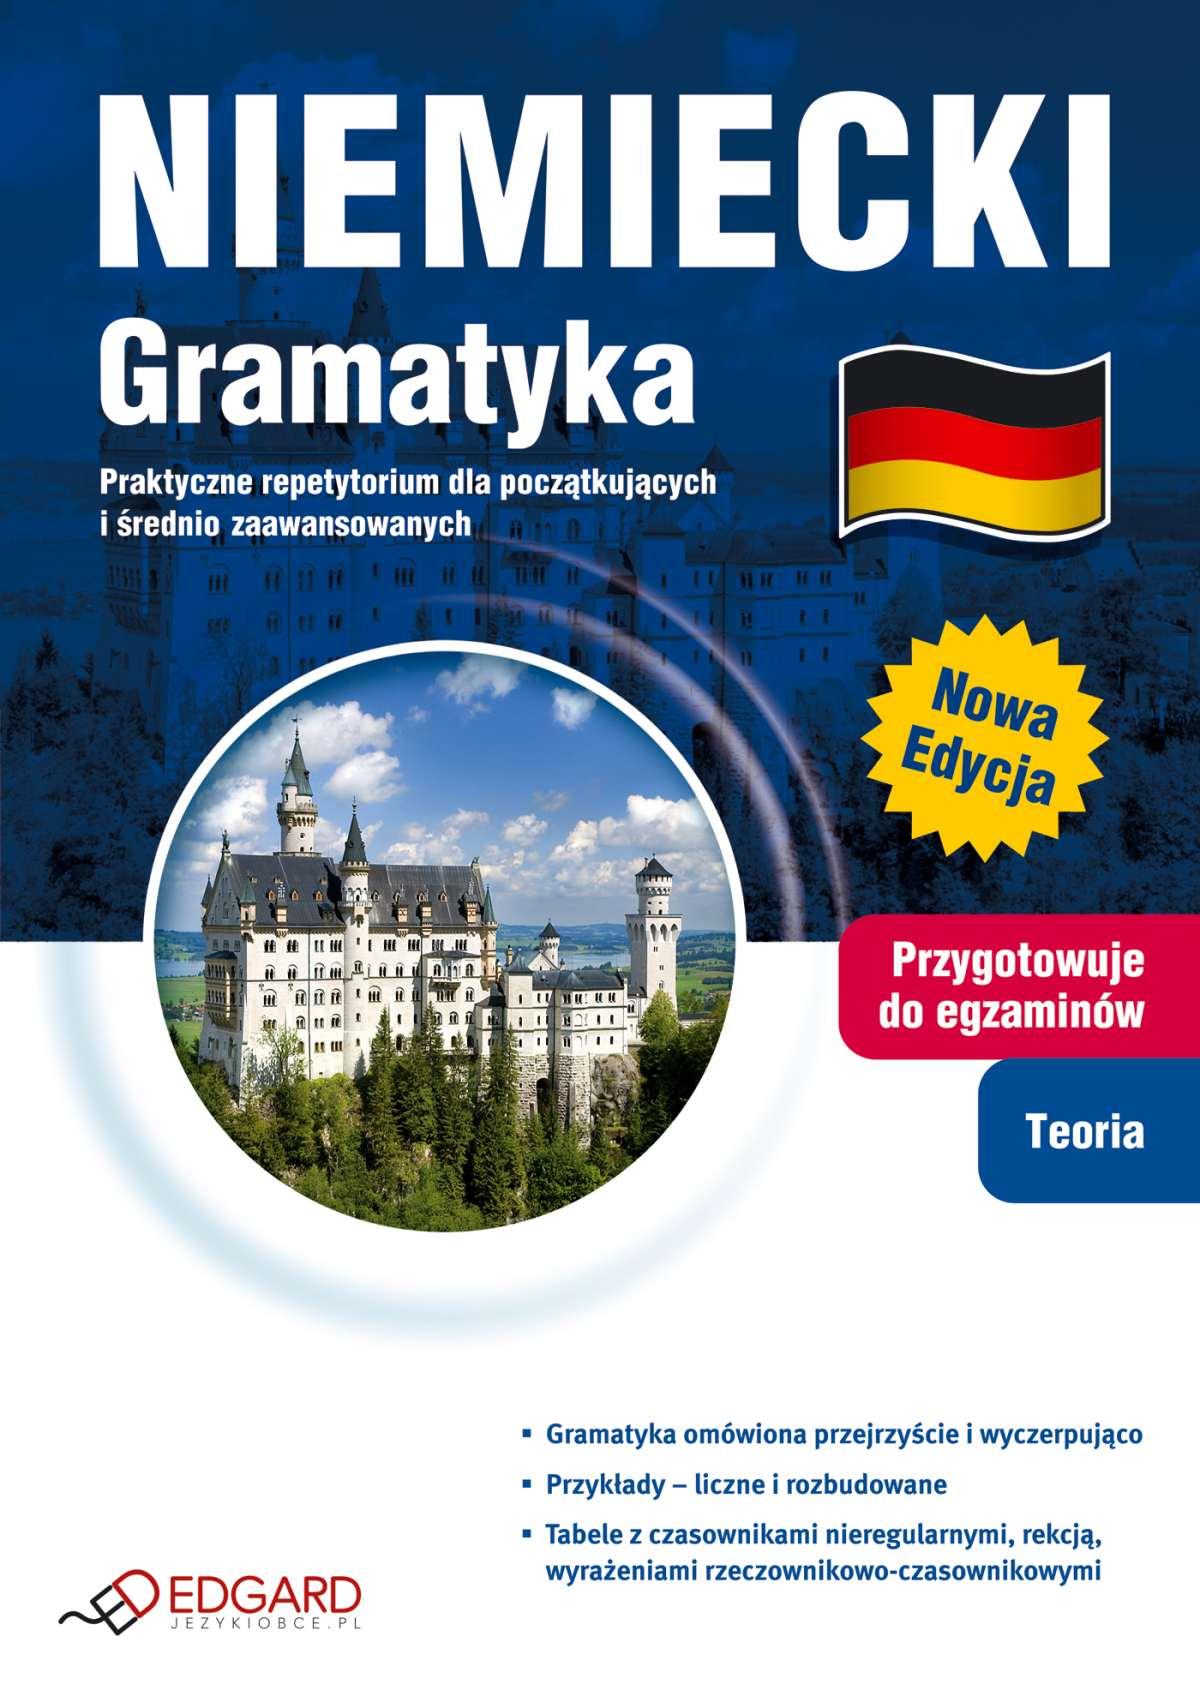 Niemiecki Gramatyka. Praktyczne repetytorium dla początkujących i średnio zaawansowanych - Ebook (Książka na Kindle) do pobrania w formacie MOBI